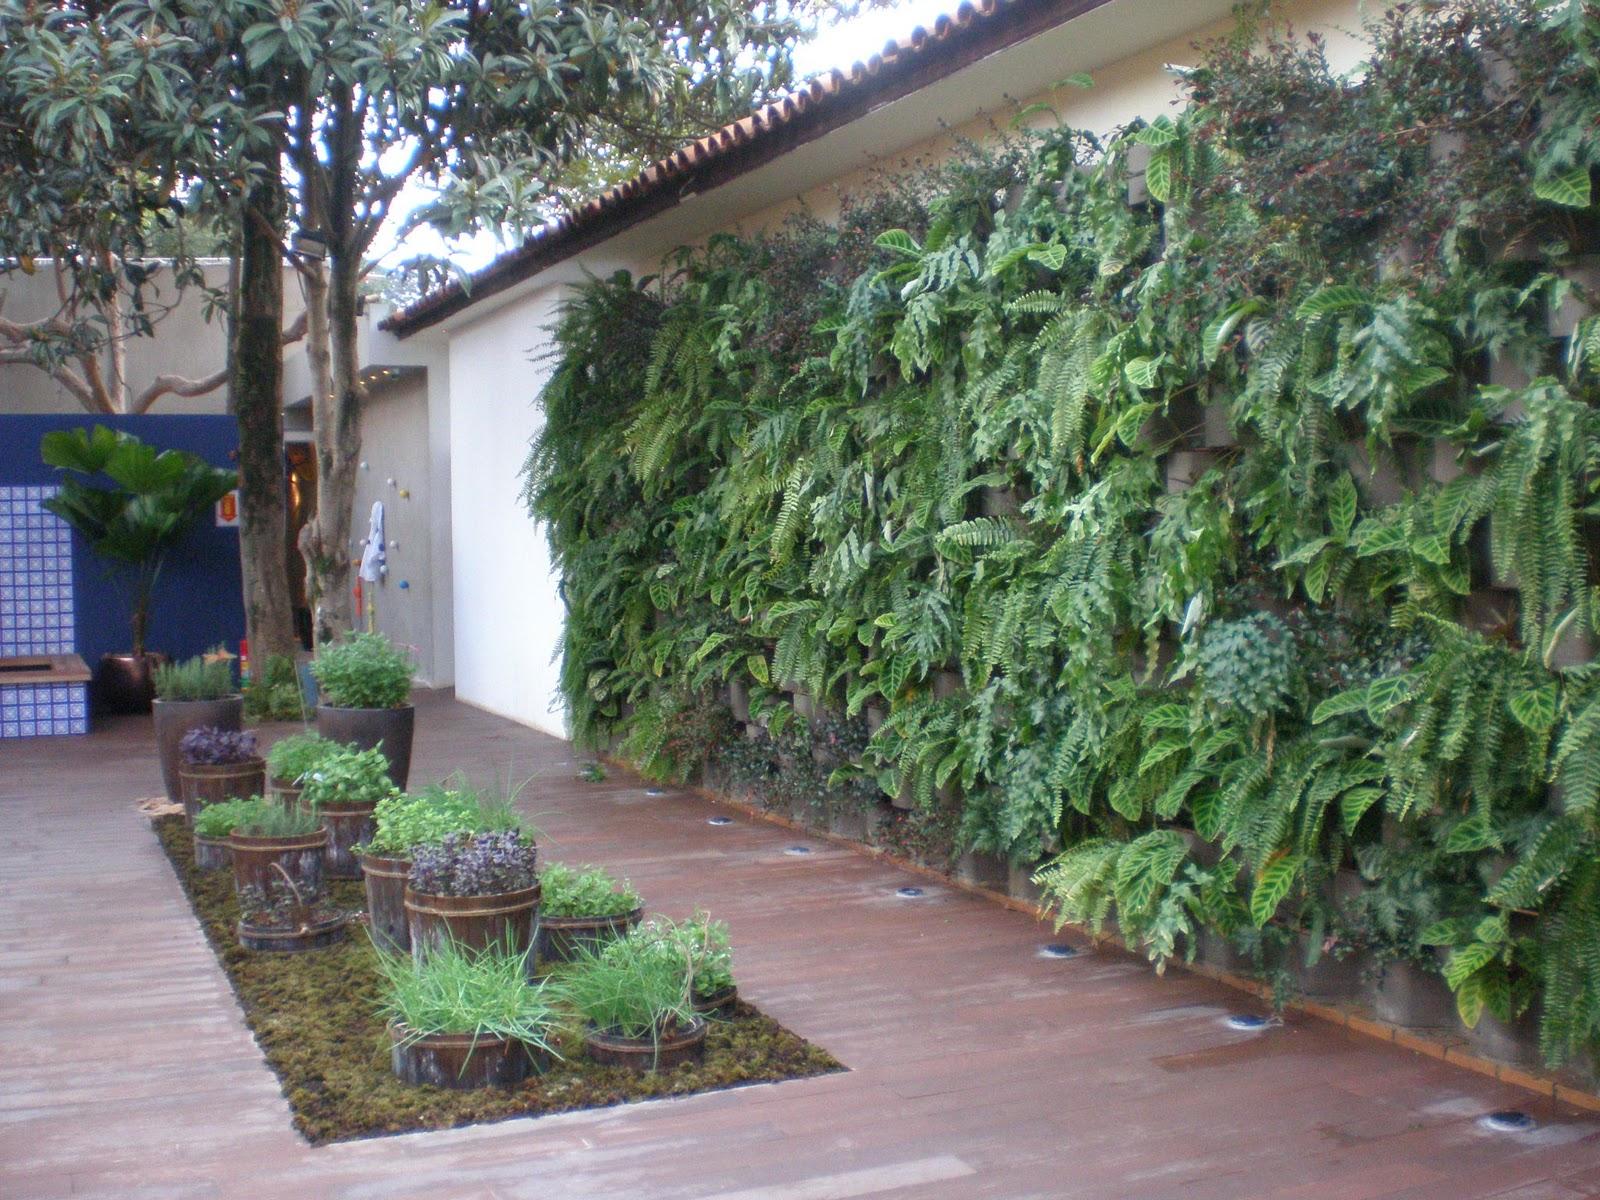 jardim vertical xaxim: xaxim ou vasinhos de parede e logo humanizáva-se o cantinho estreito